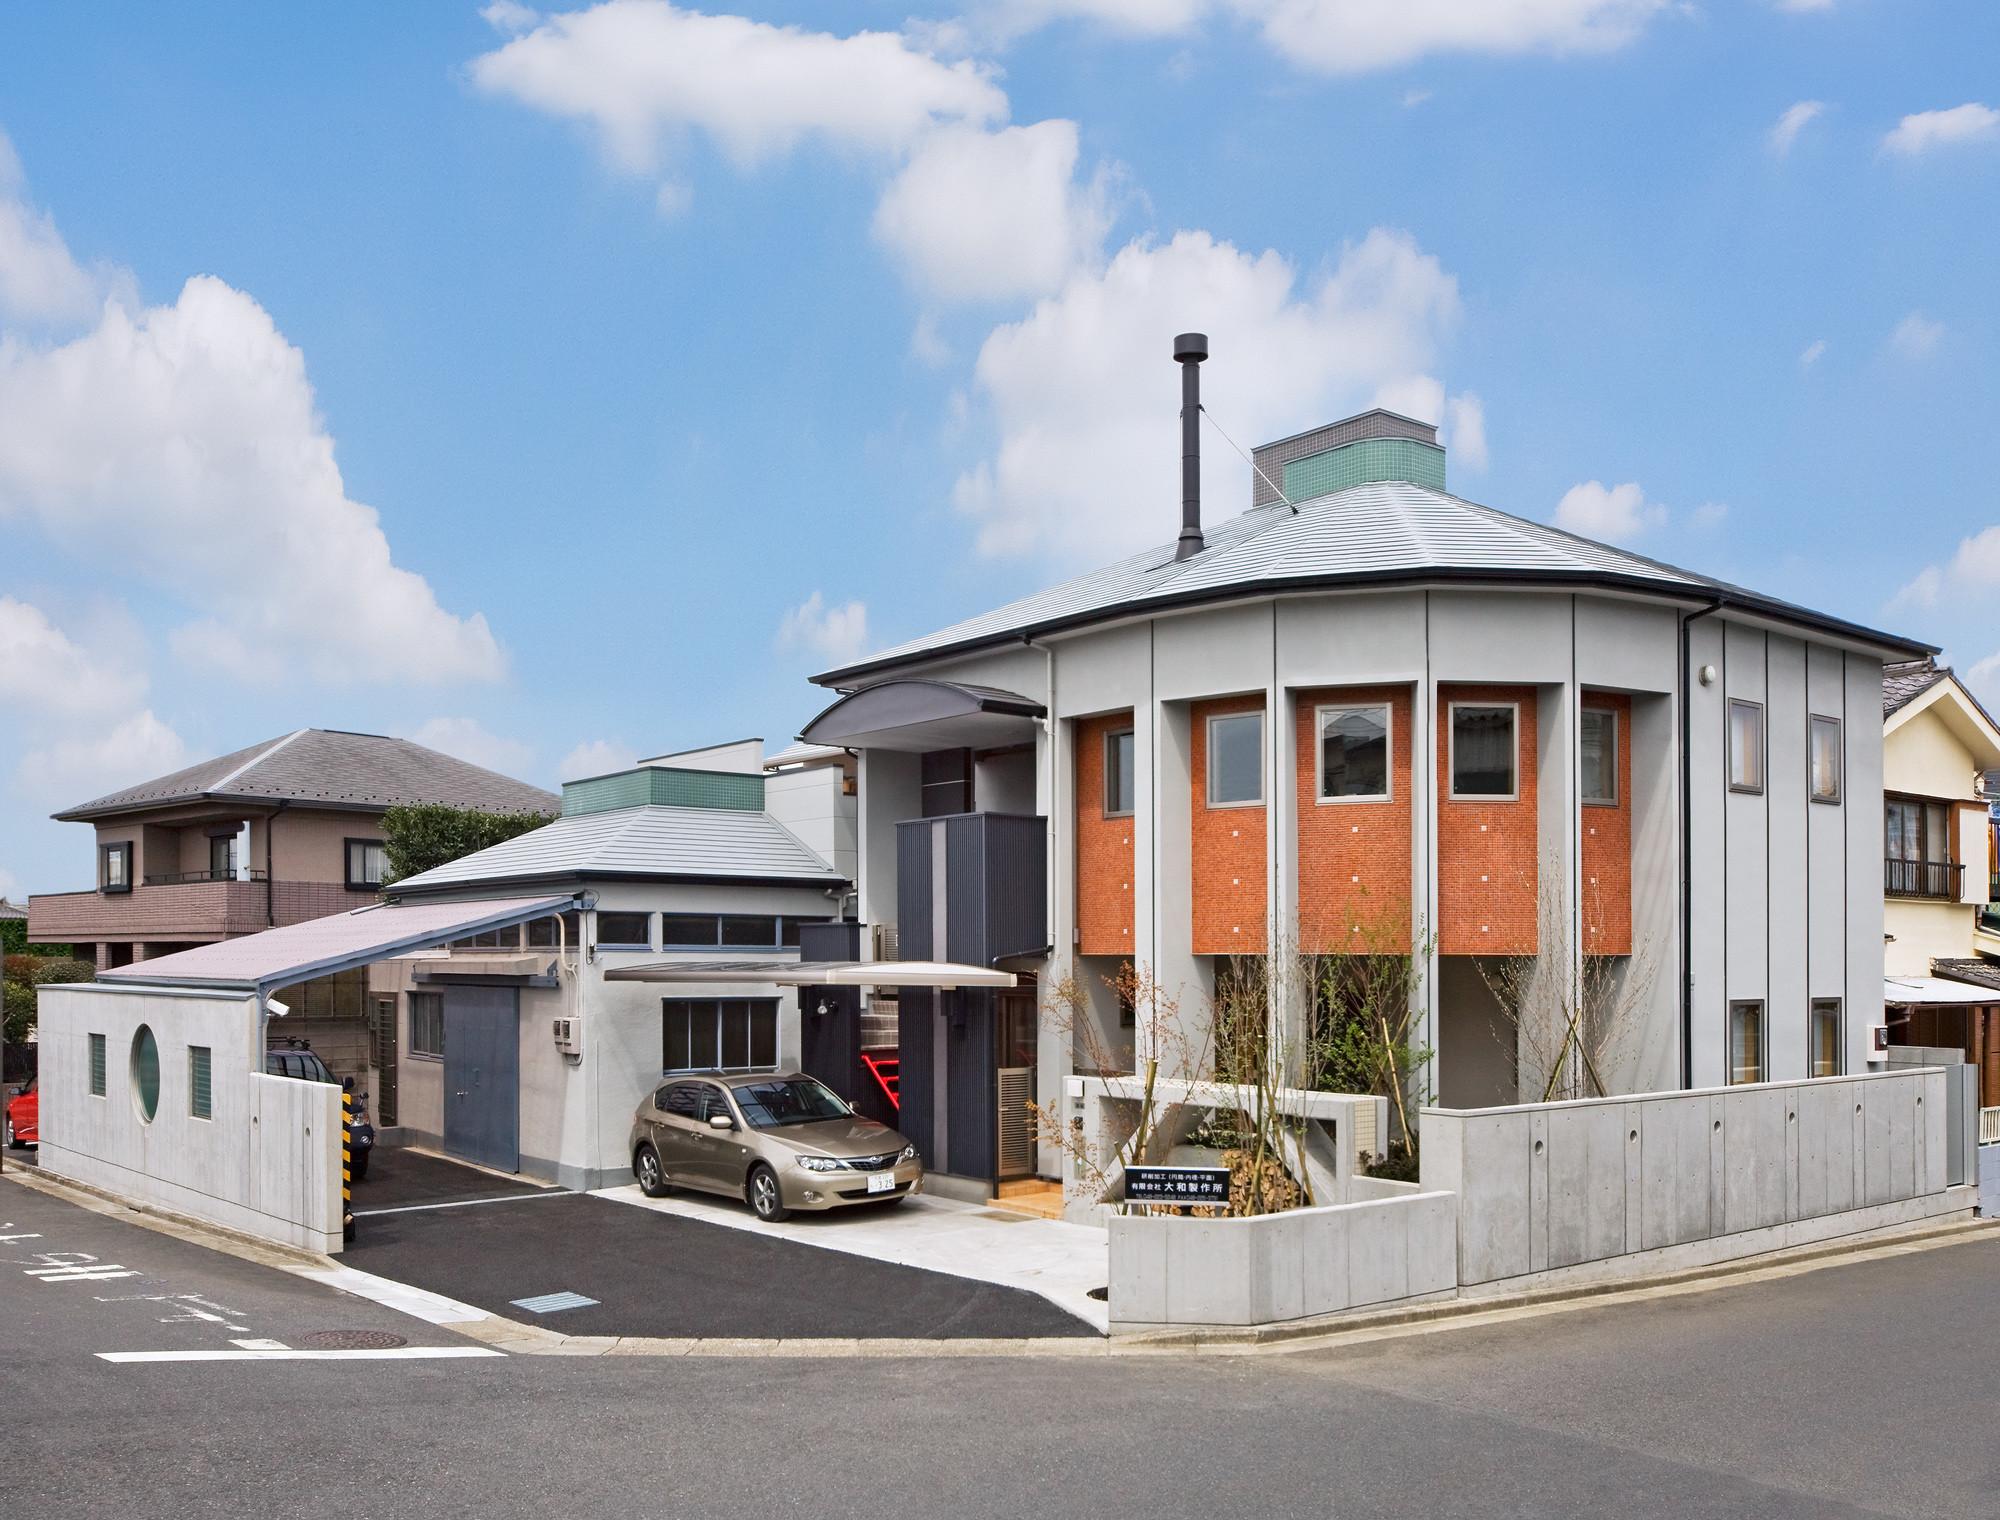 職住近接の暮らし (既存減築工場+新築住宅) 2階リビングの建築事例写真